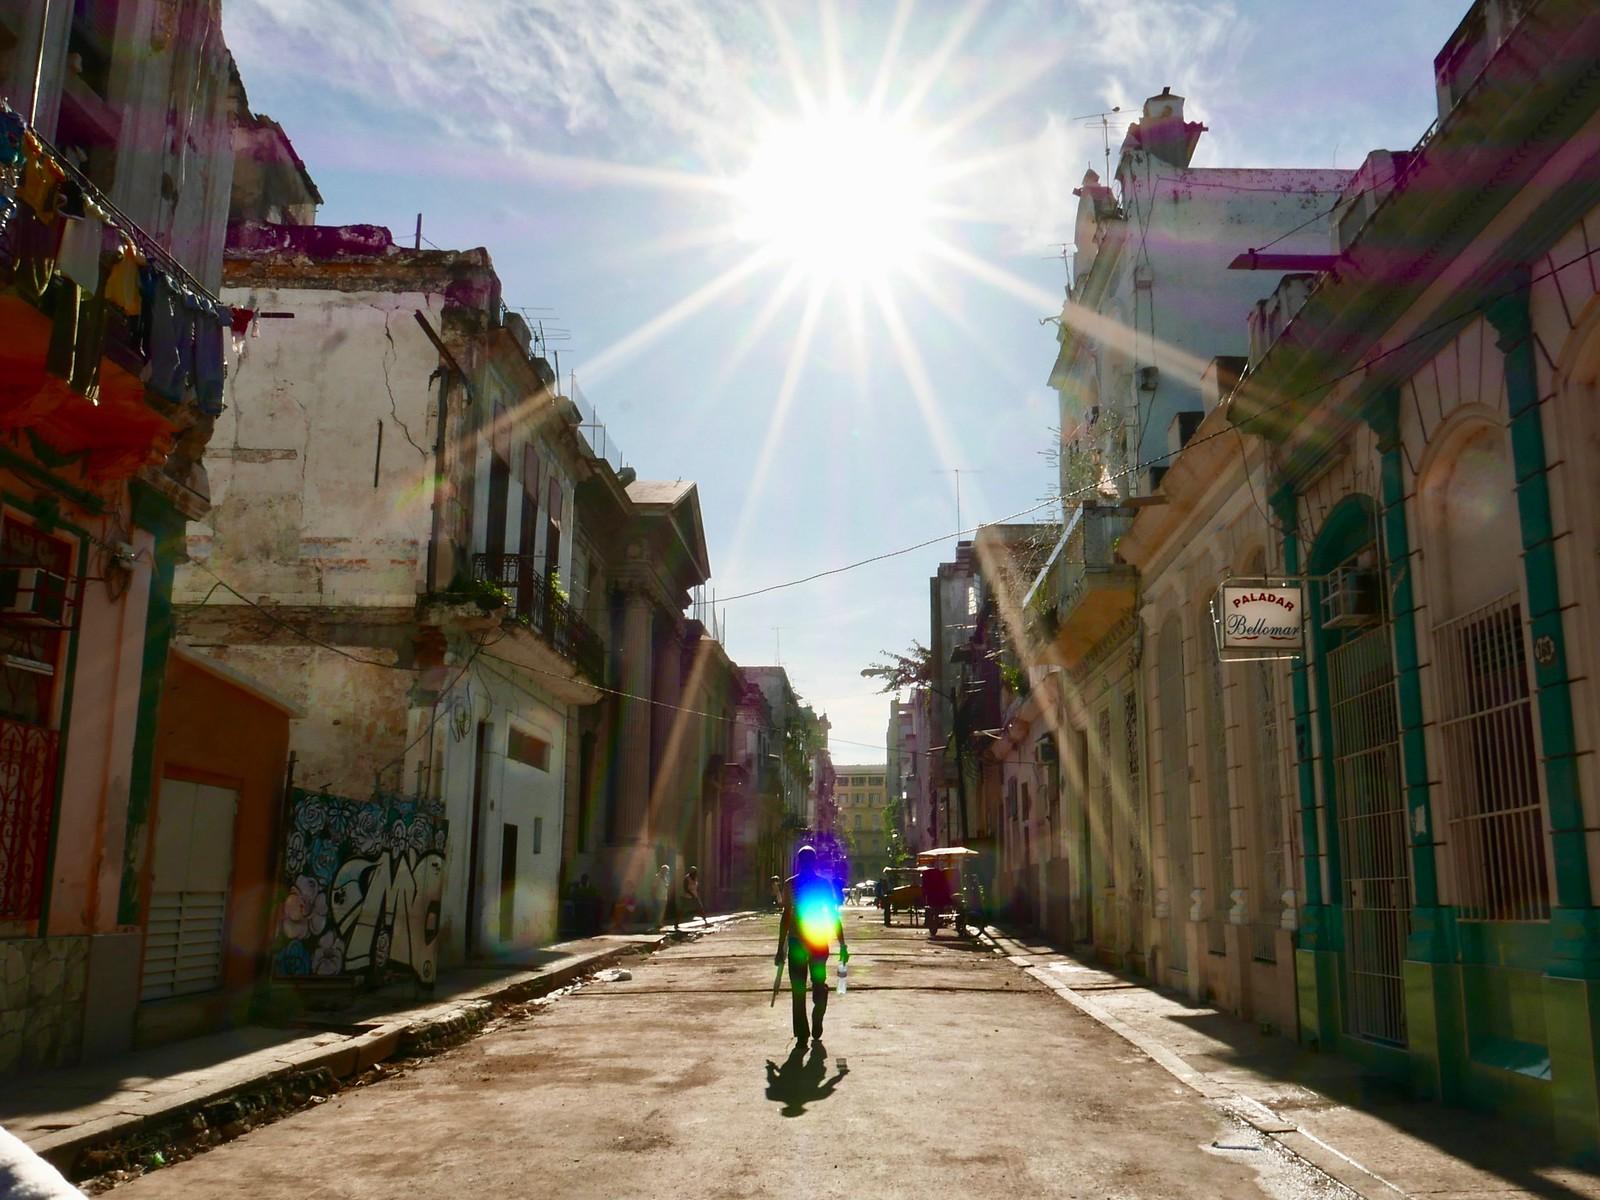 뜨거운 태양이 내리쬐는 아바나의 골목